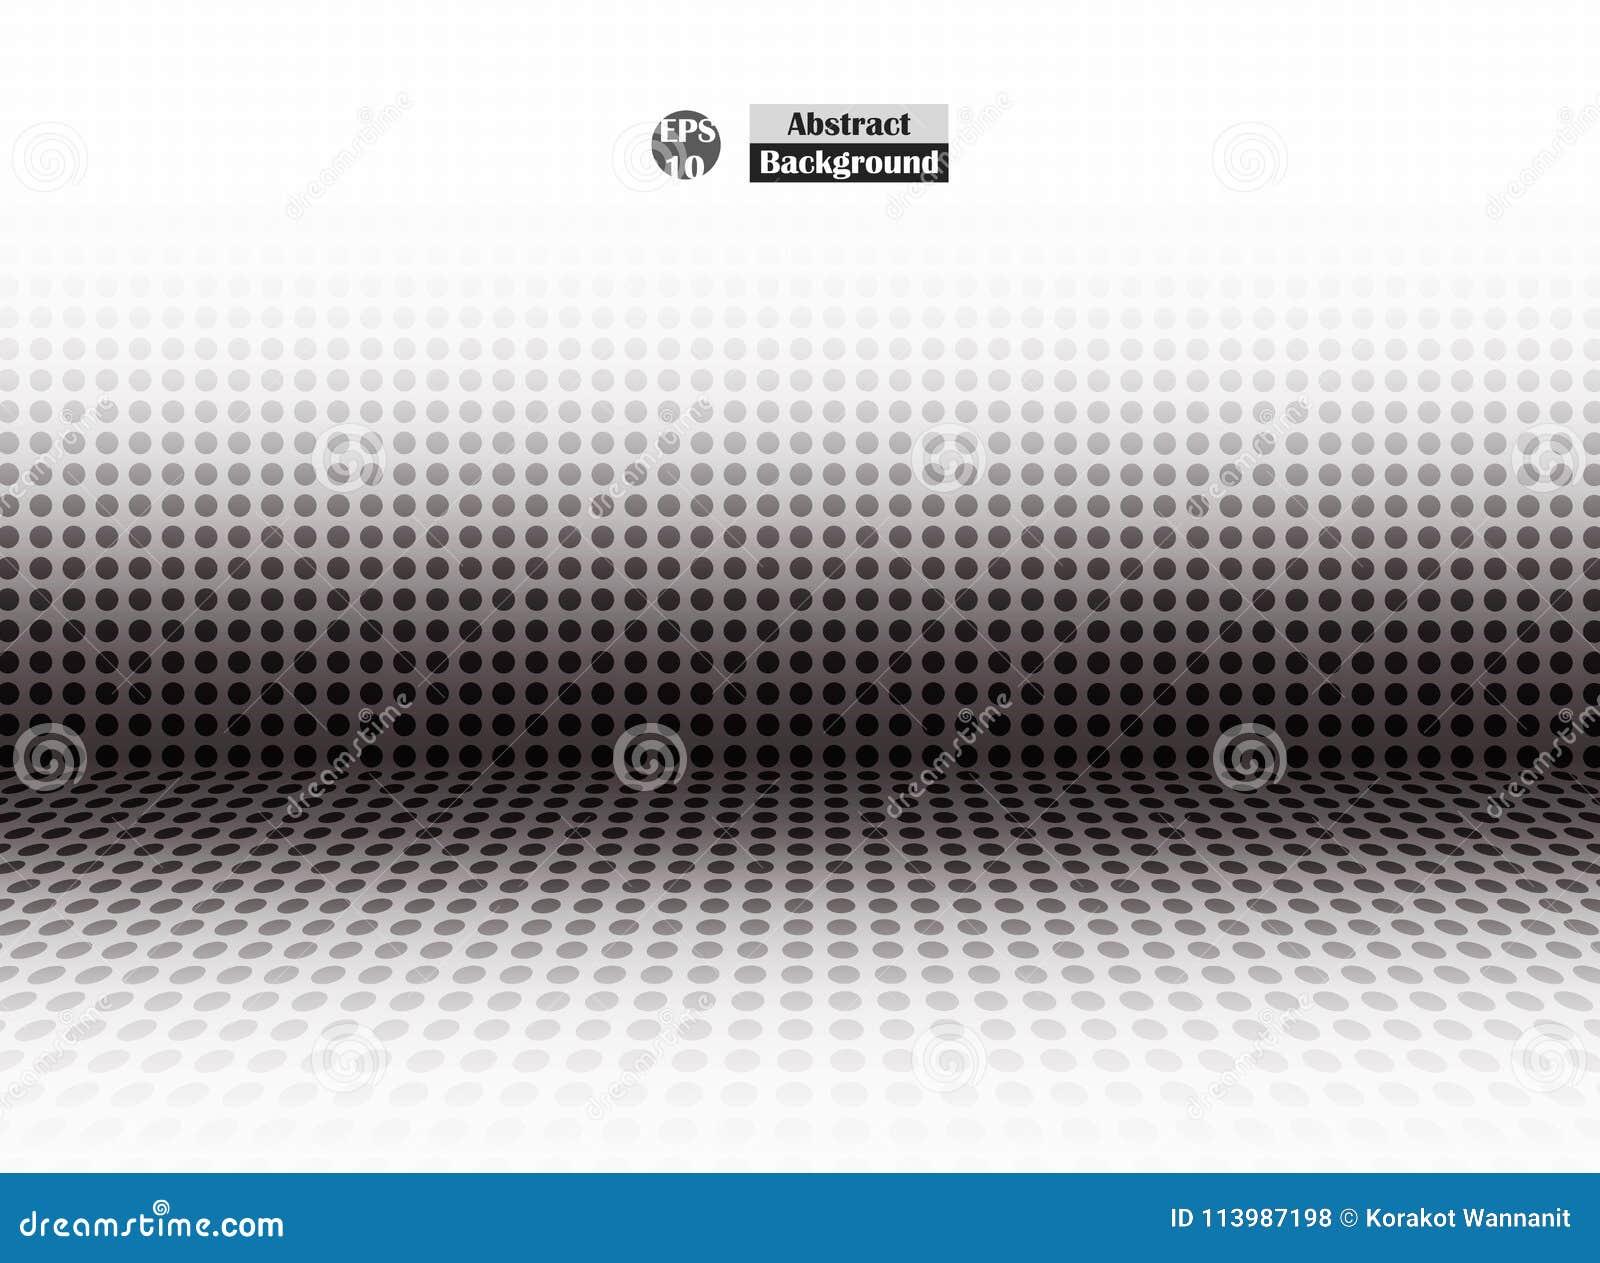 Résumé du point noir tramé de la perspective vide, présentation simple